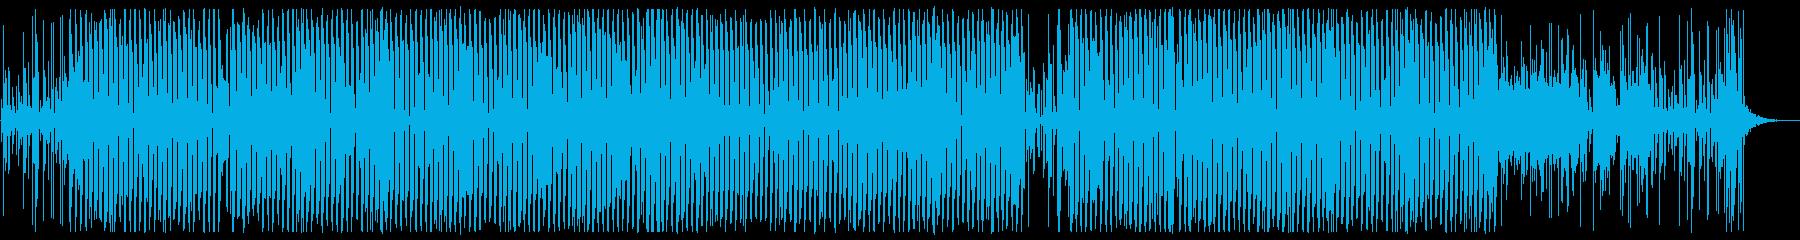 浮遊感のあるハウス・テクノの再生済みの波形